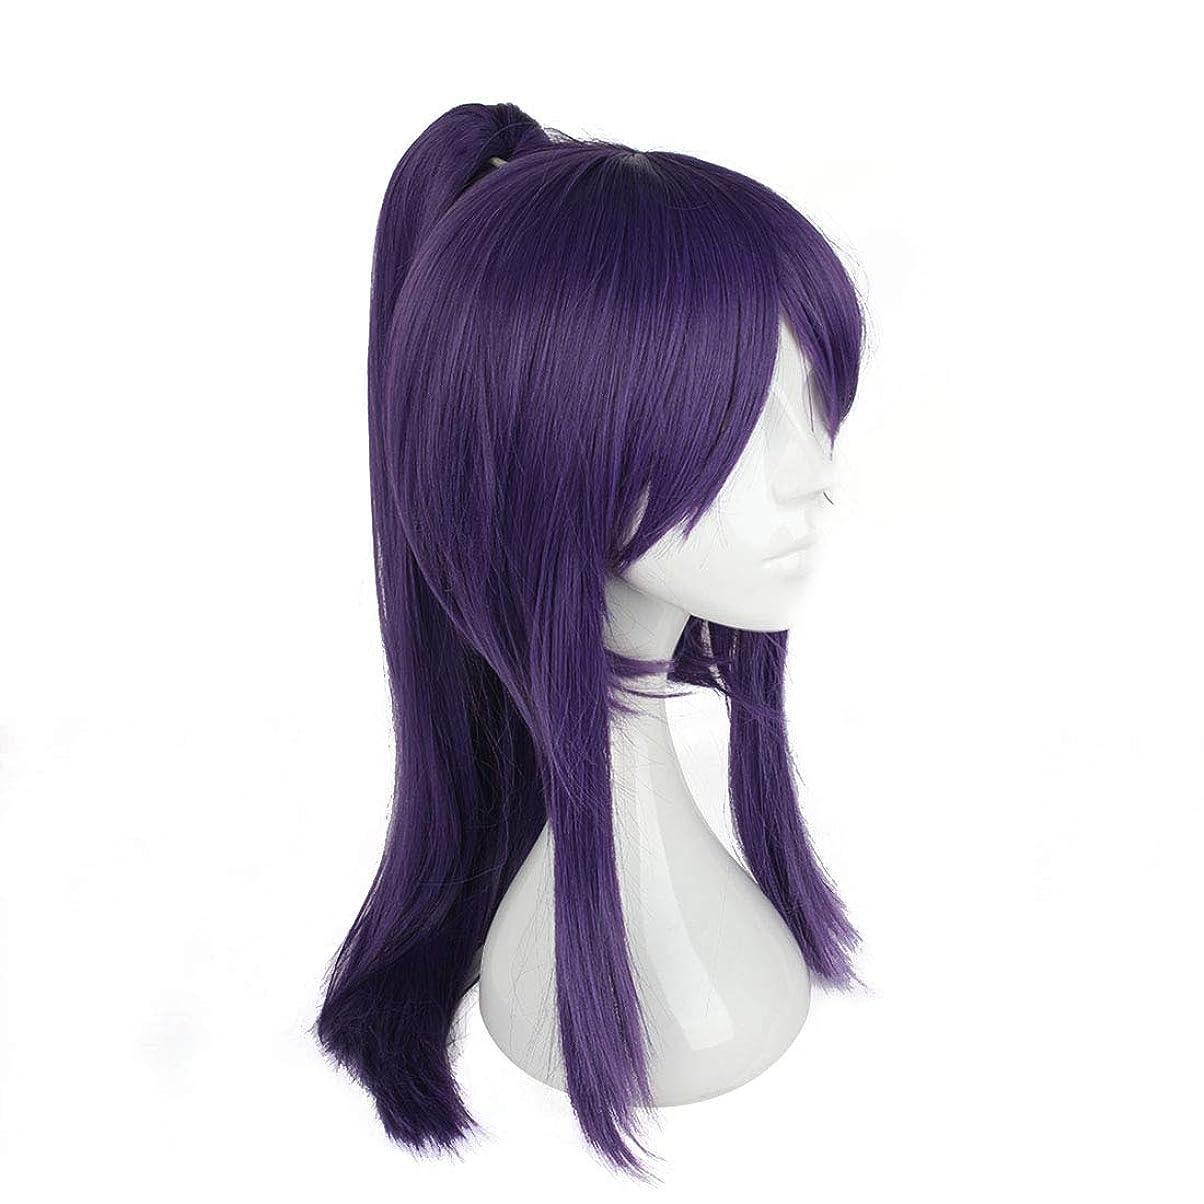 ピストルはさみ説得BOBIDYEE 日本の侍服かつらコスプレウィッグ紫髪前髪長い髪用相馬神崎コンポジットヘアレースかつらロールプレイングかつら (色 : 紫の)